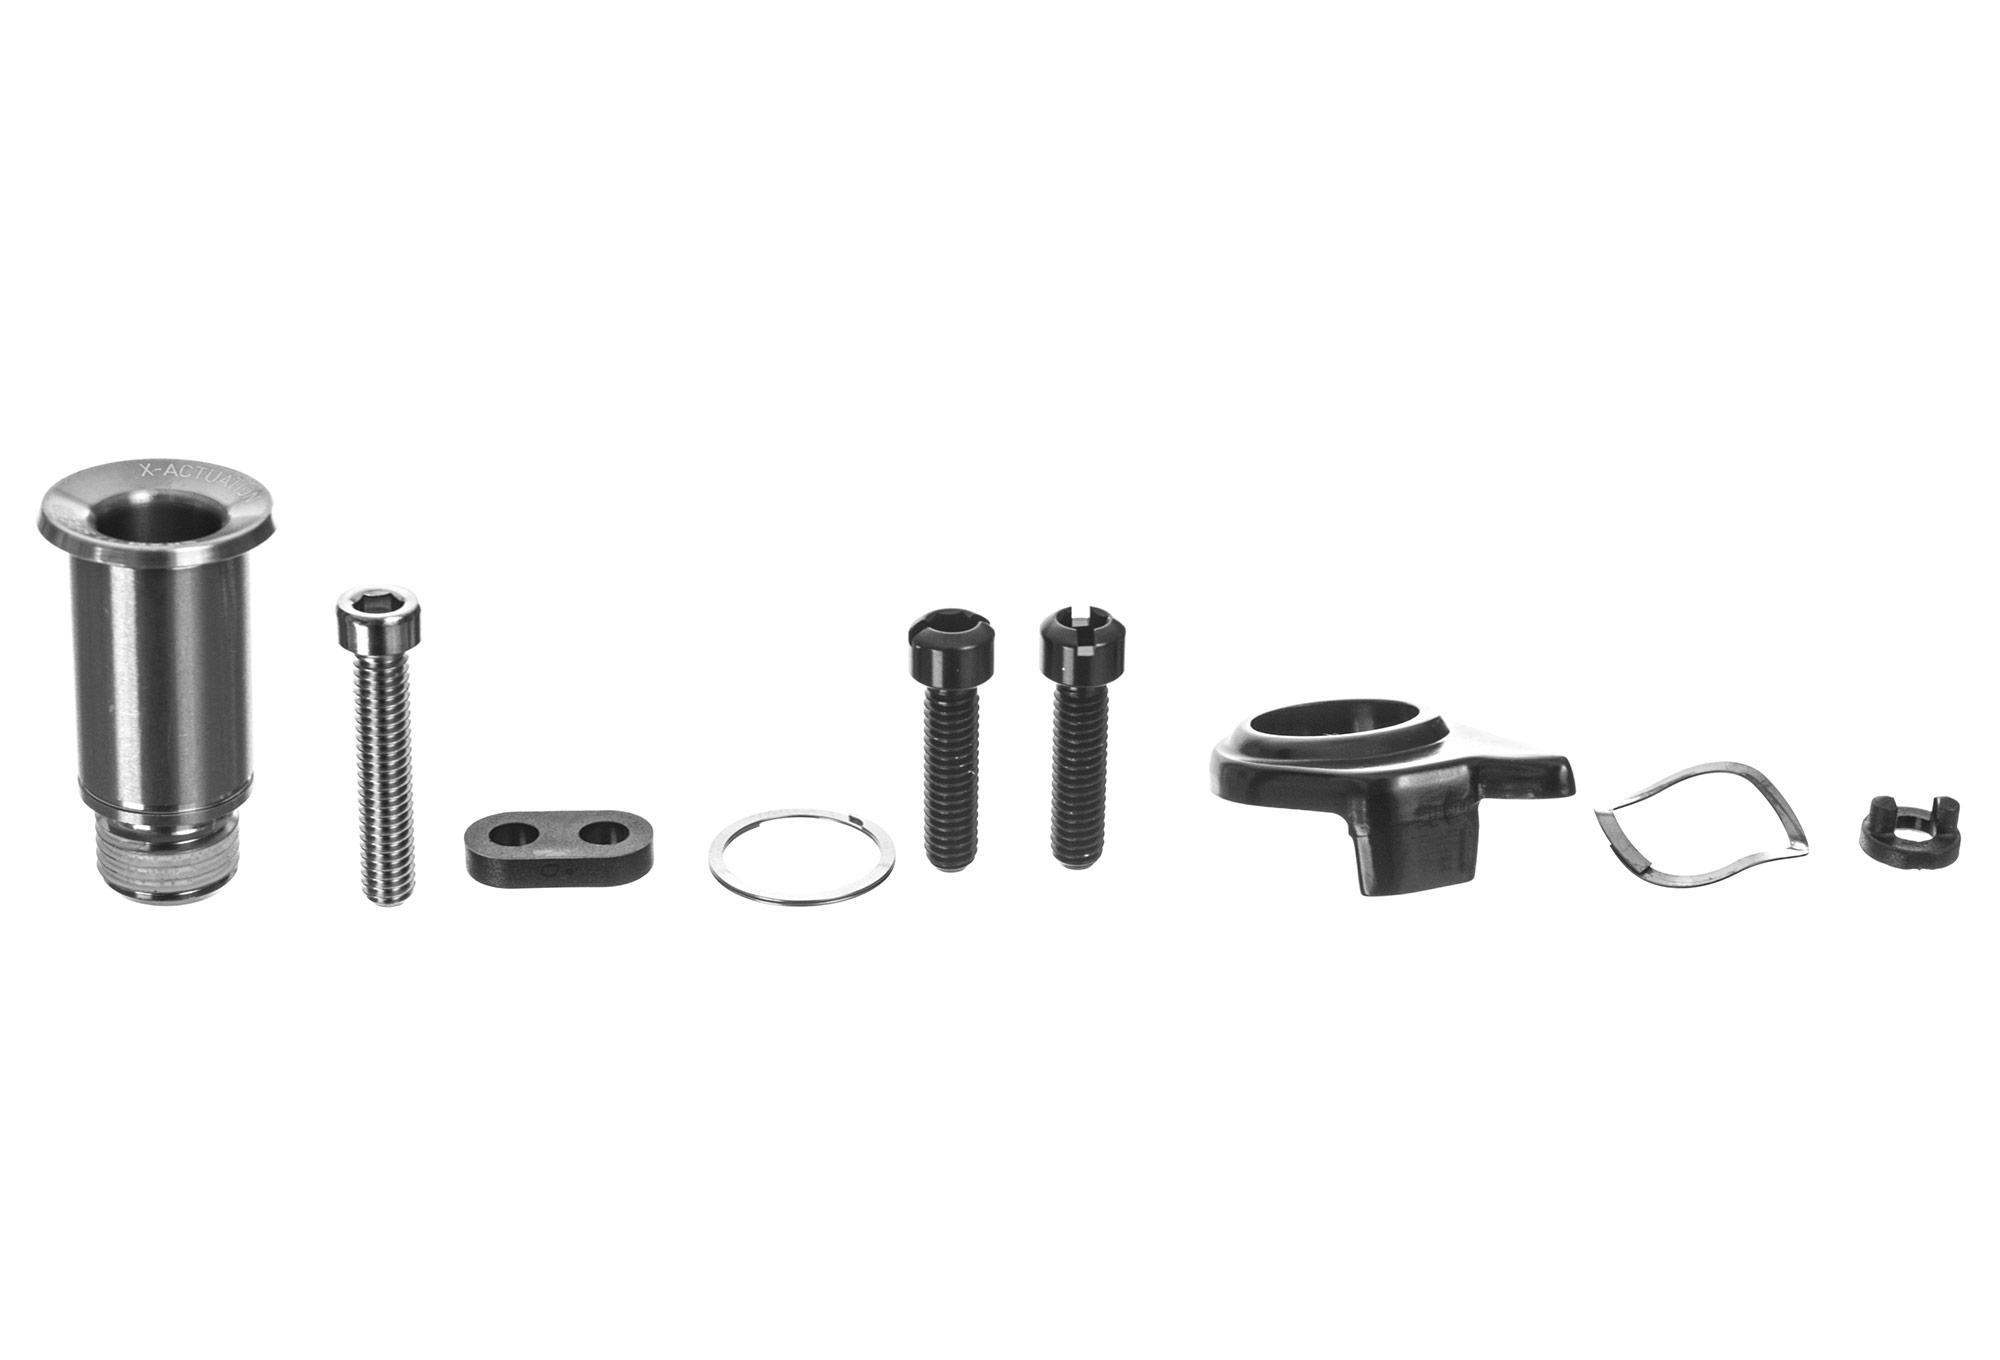 SRAM XX1//X01//X1 Rear Derailleur B-Bolt /& Limit Screw Kit